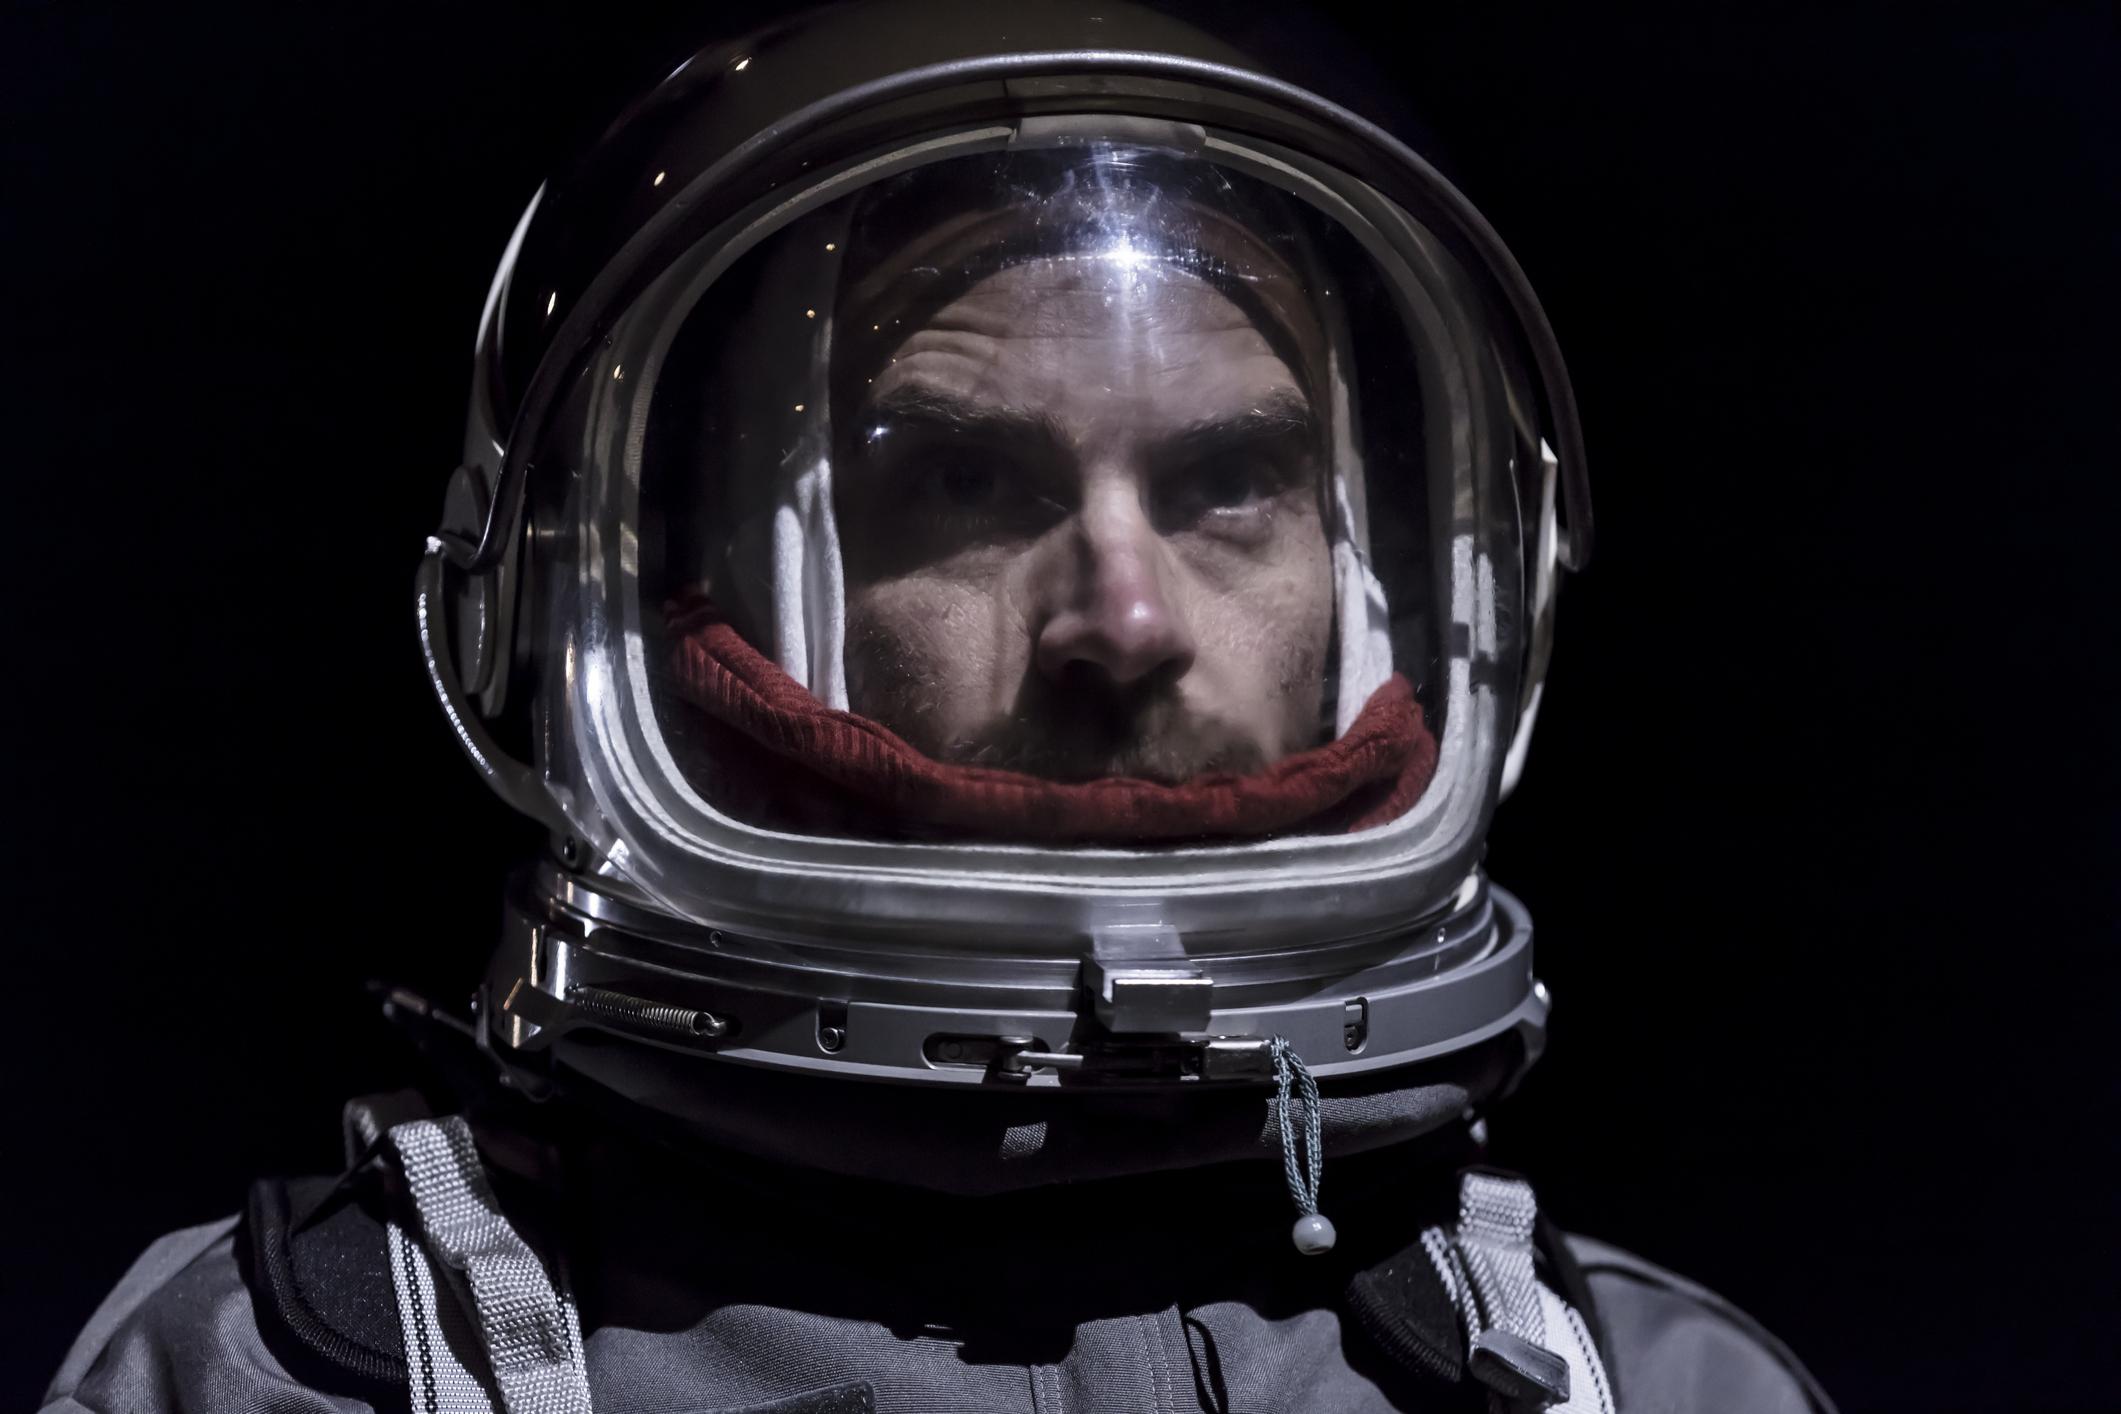 Concurs pentru cei care îşi doresc să devină astronauţi, lansat de Agenţia Spaţială Europeană. Cum poți participa